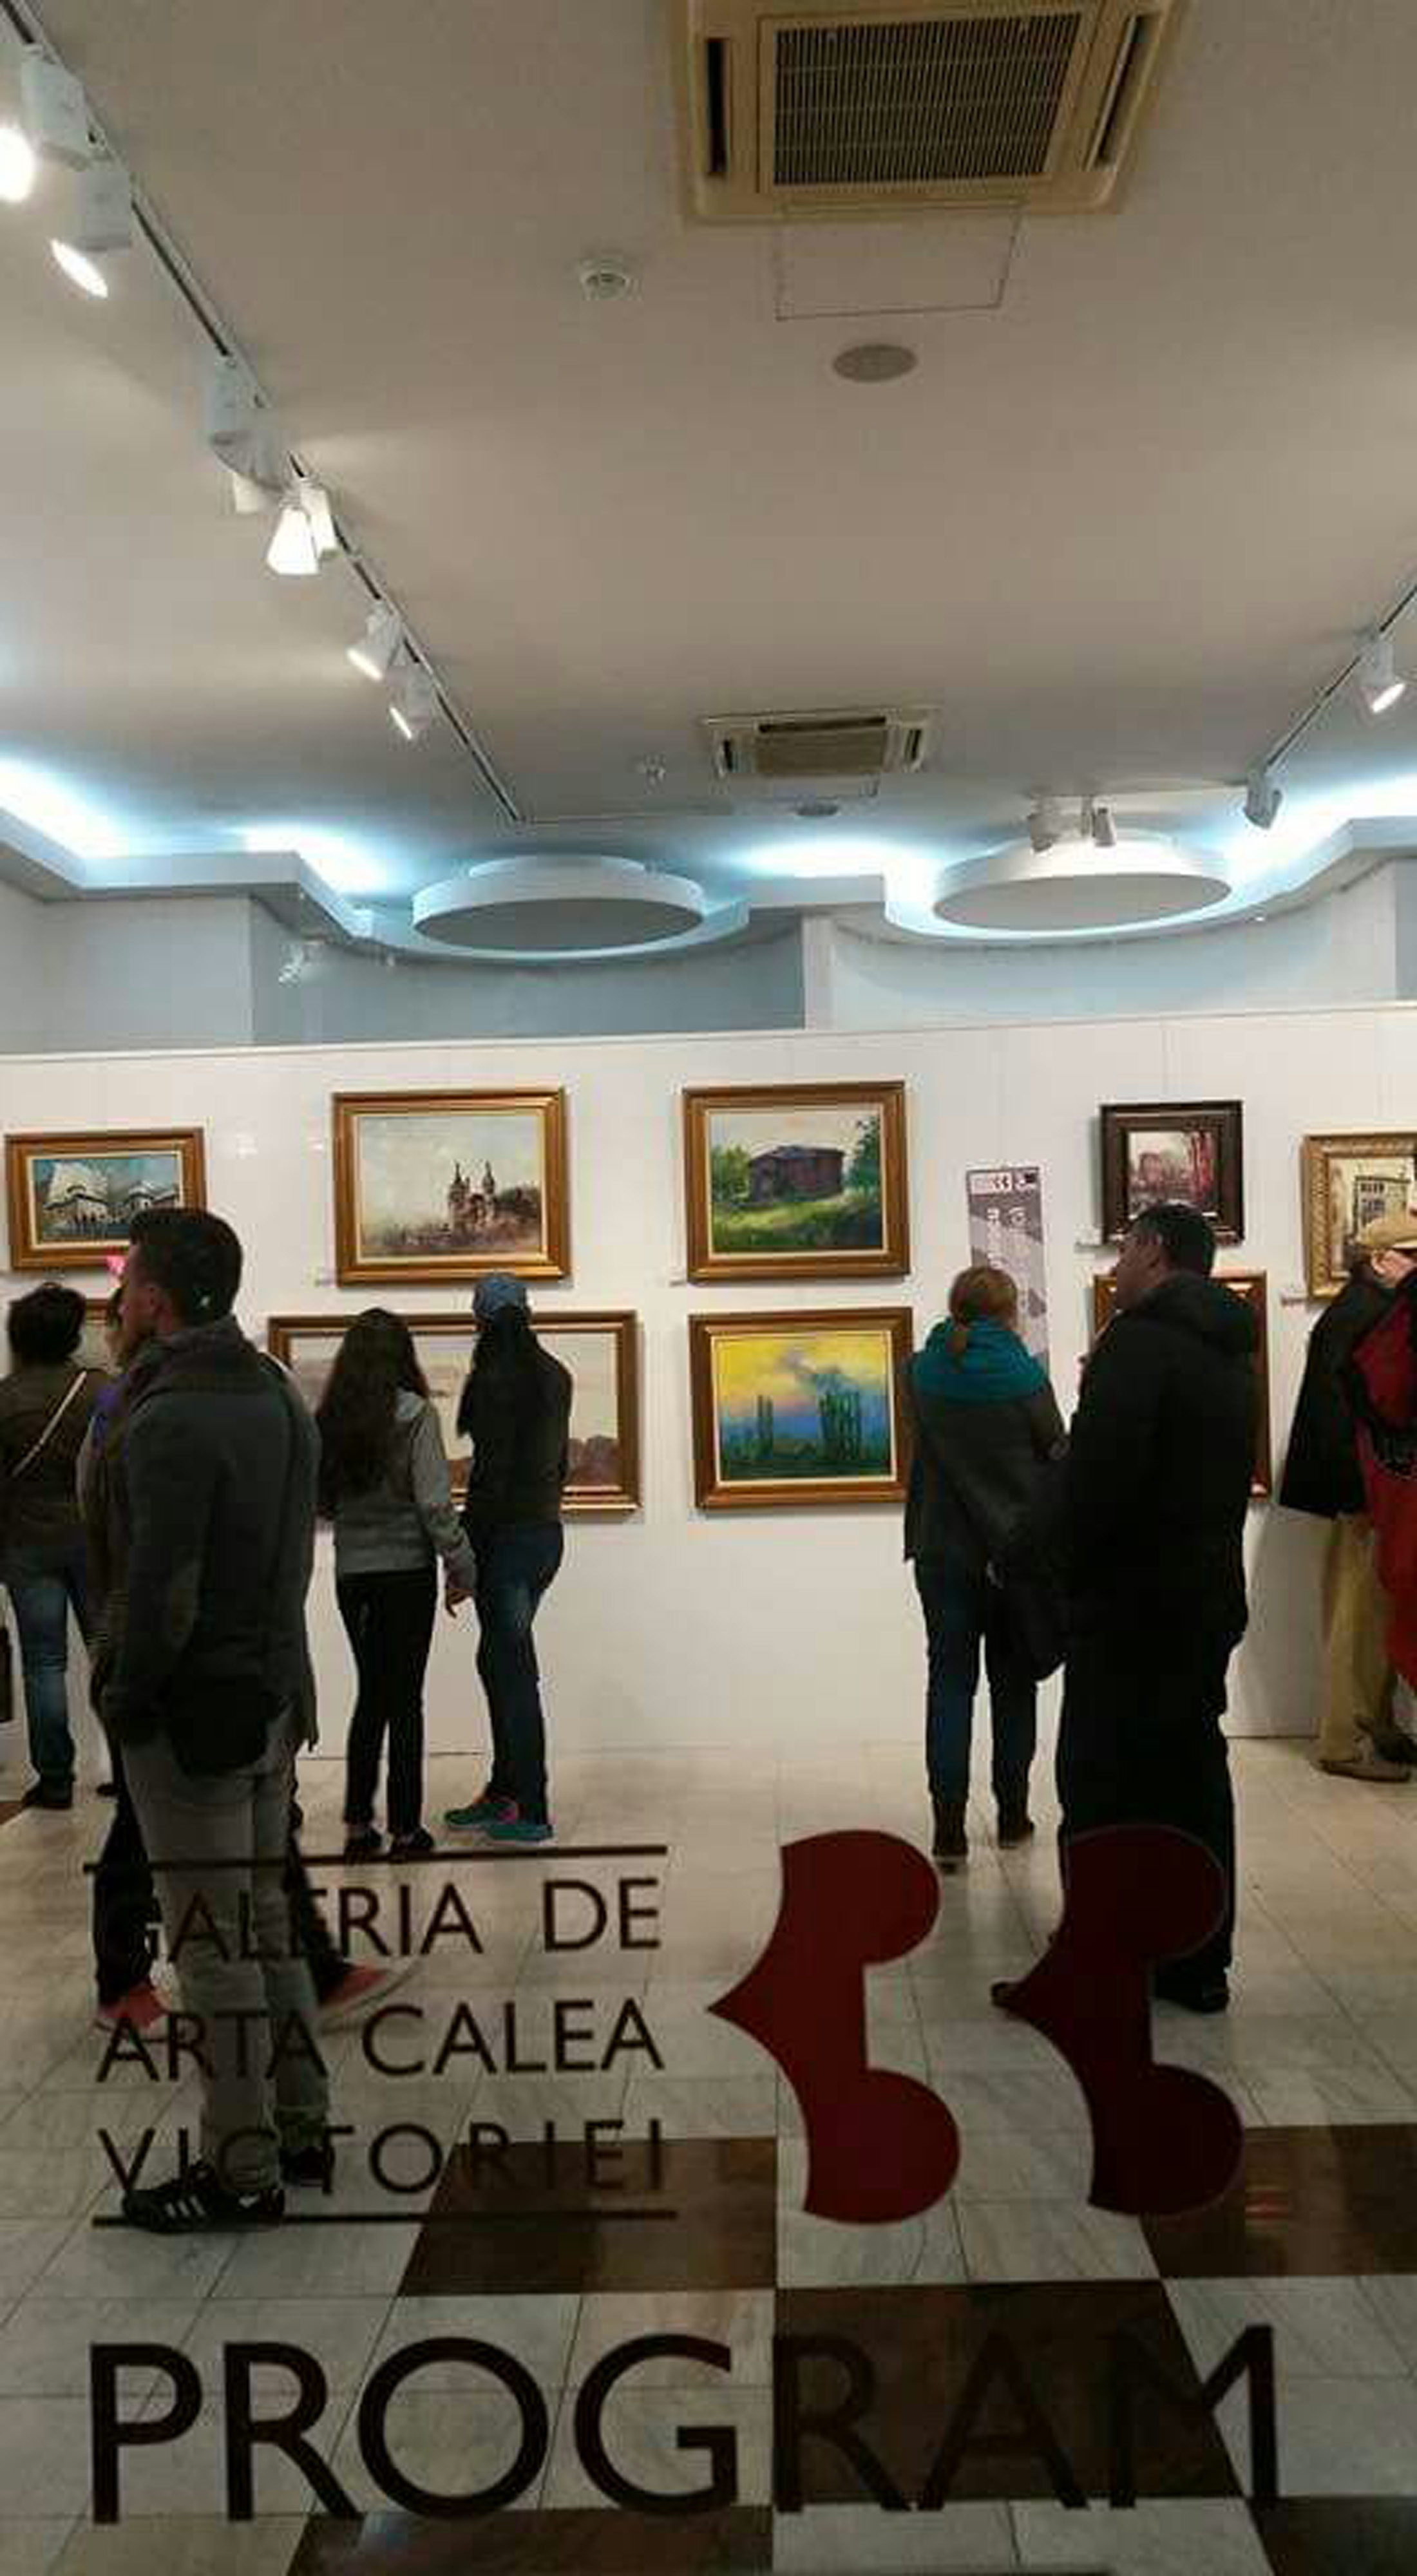 Galeria de Arta Calea Victoriei 33 - inside